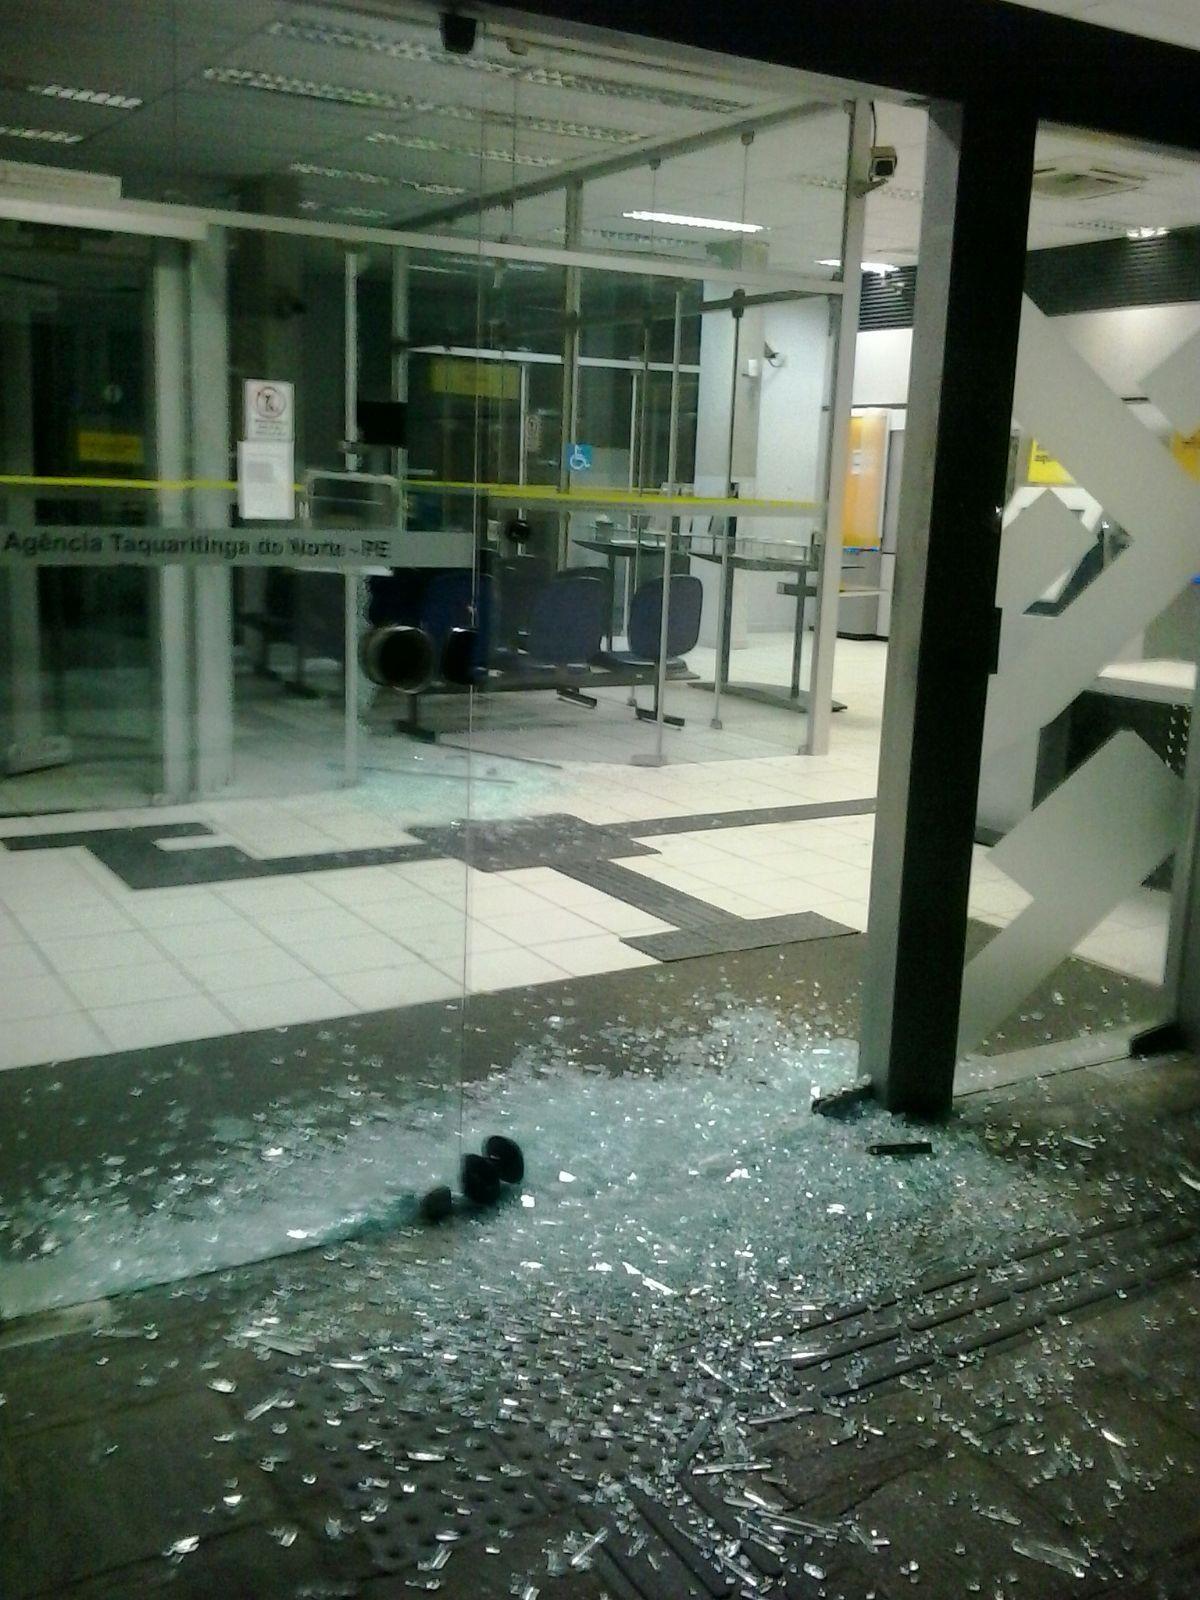 Agência atingida por criminosos em Taquaritinga do Norte  (Foto: Divulgação/ Polícia Militar)